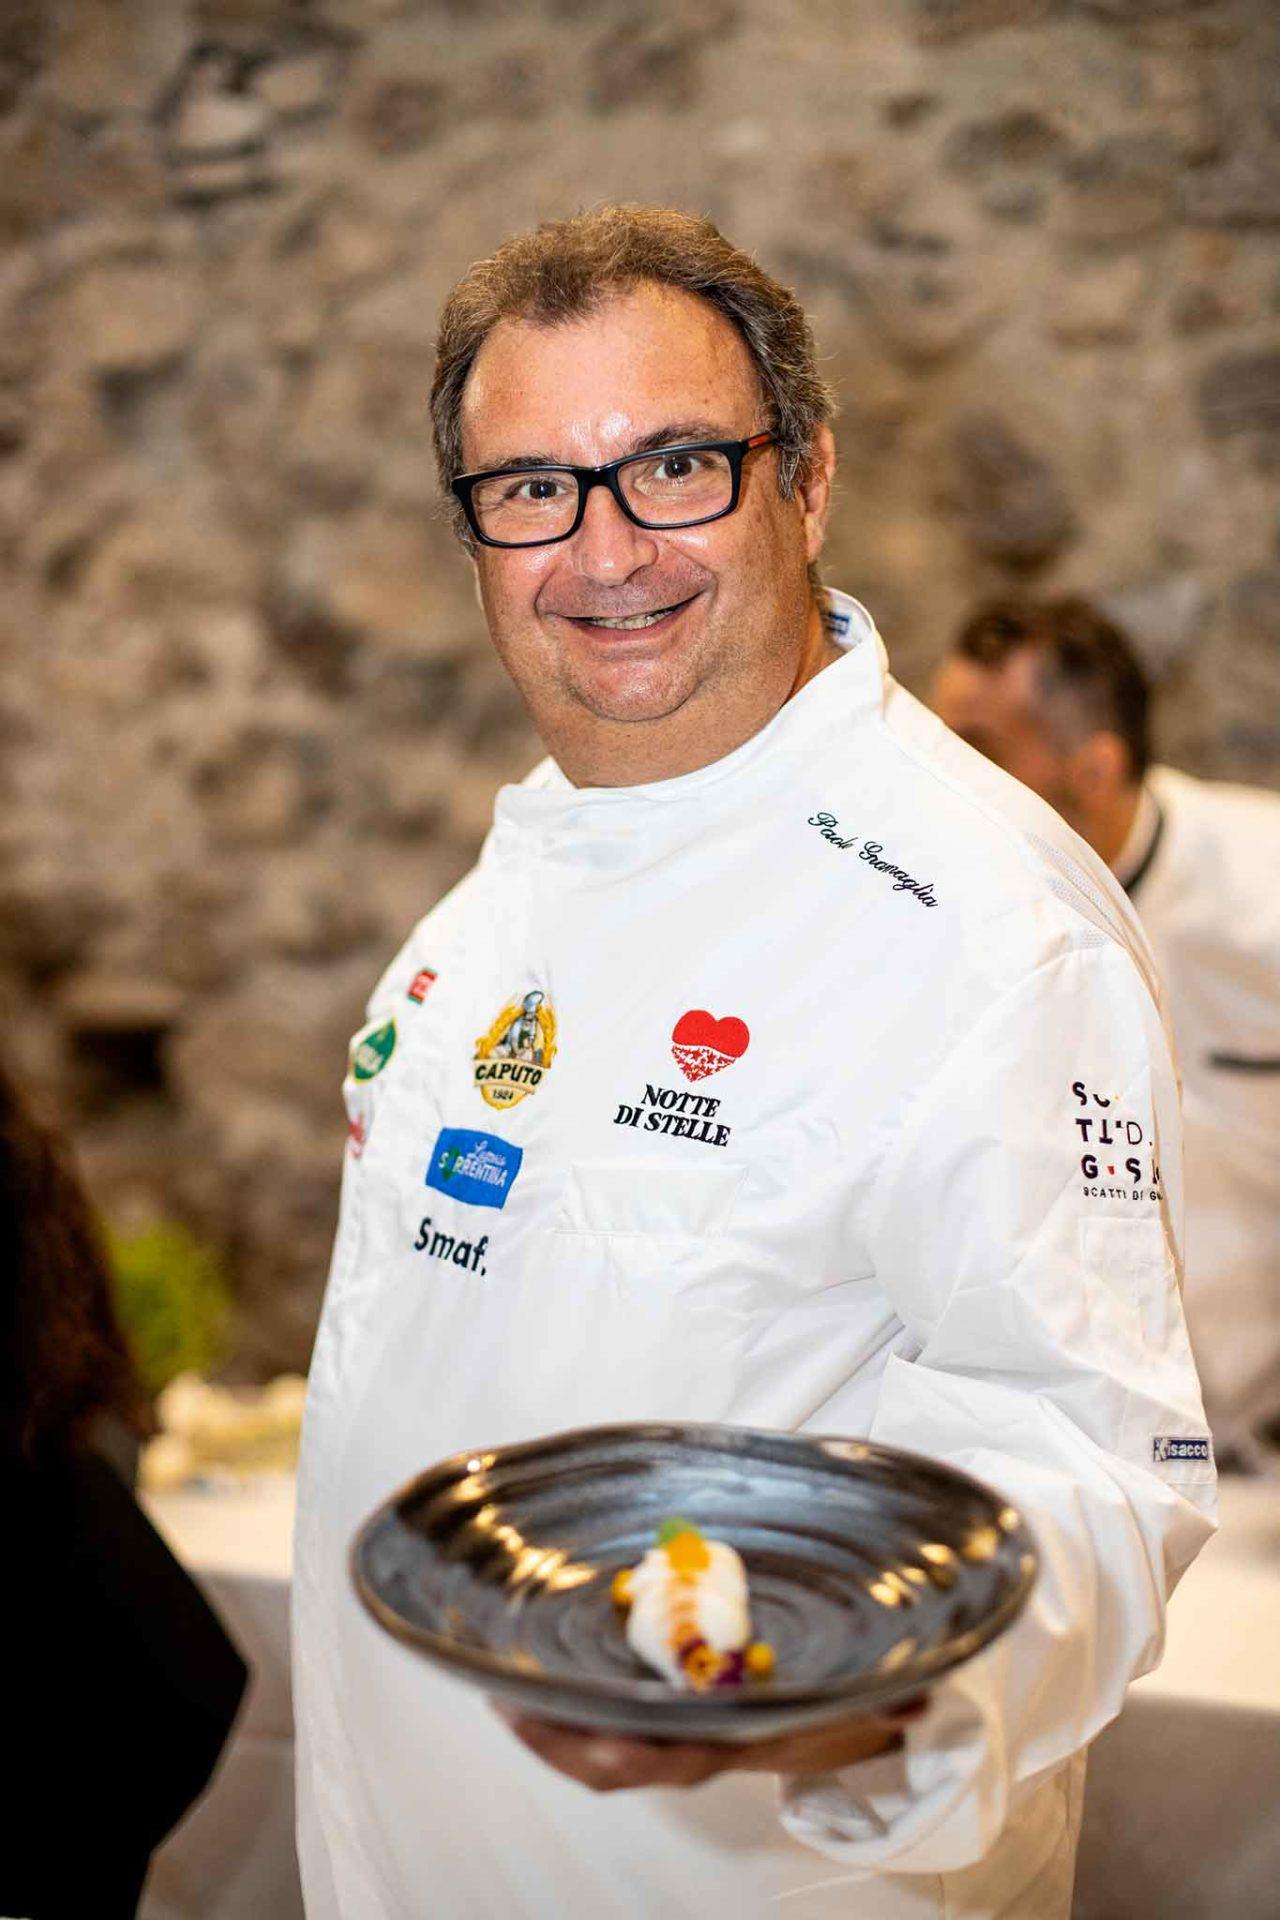 Paolo Gramaglia e Fedegroup